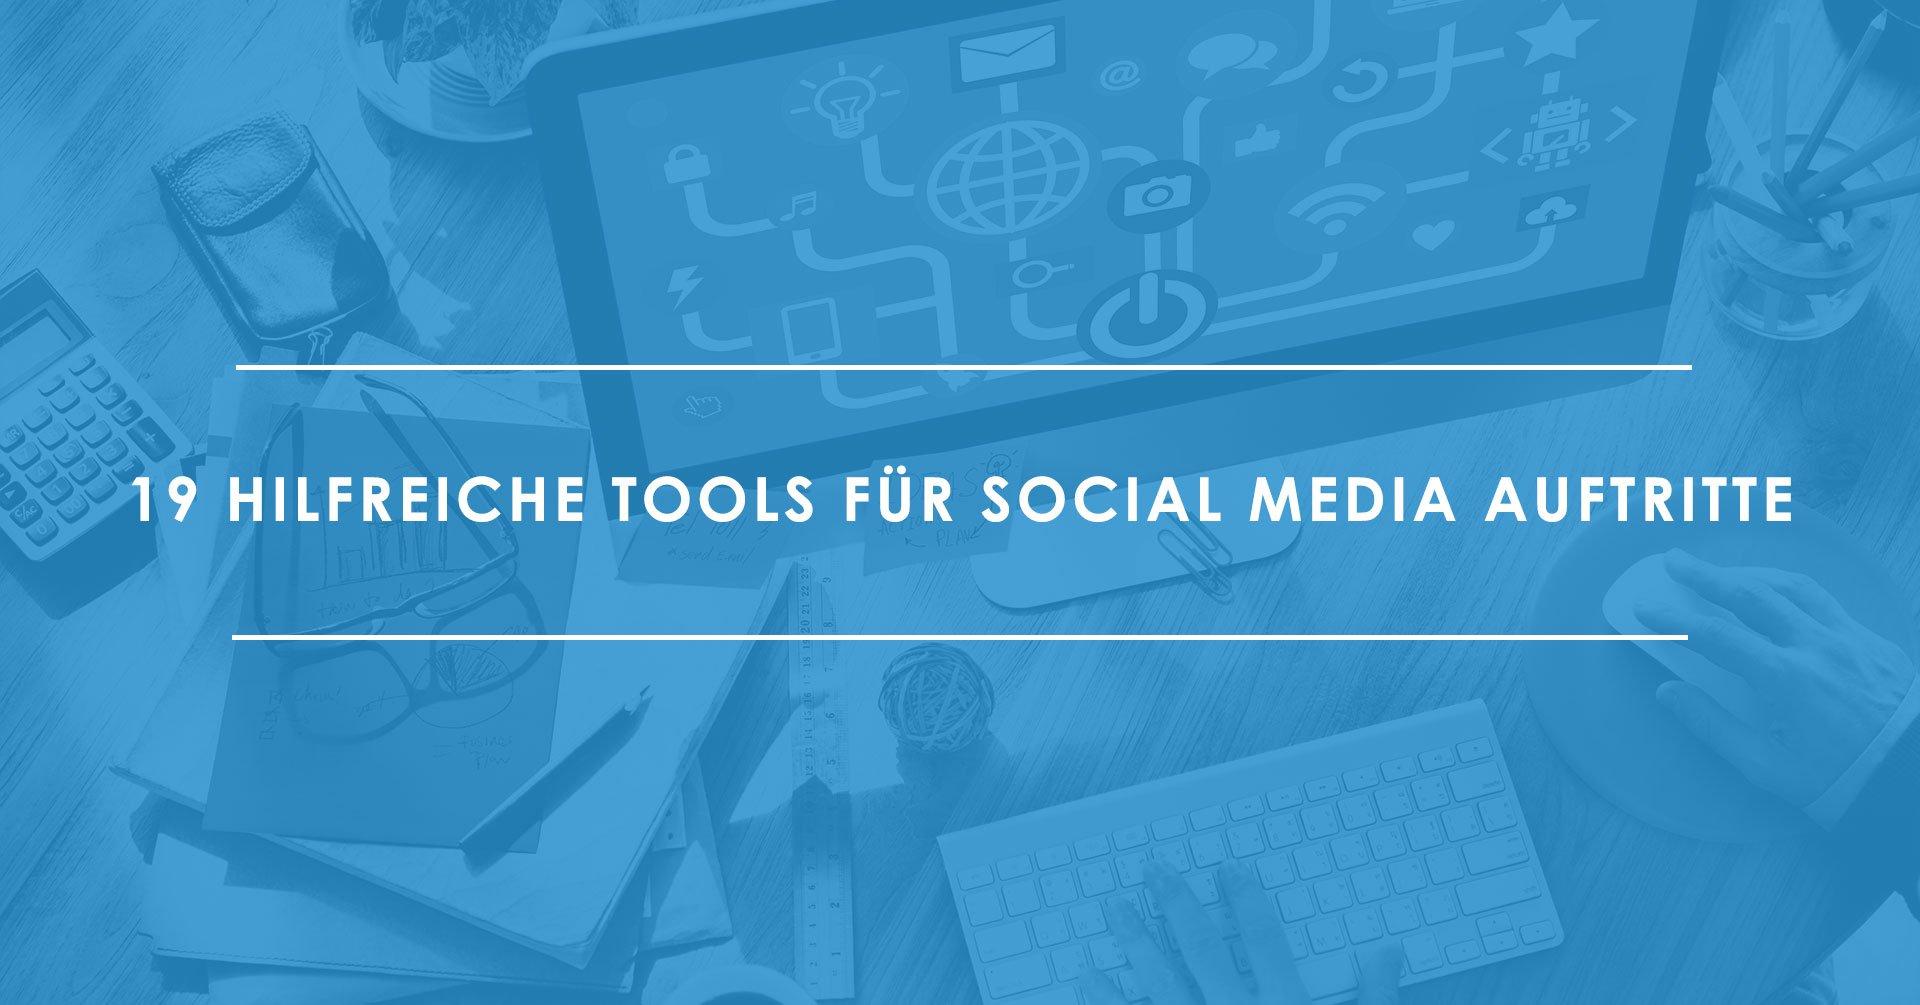 19-Tipps-und-Tools-für-Social-Media-Verantwortliche